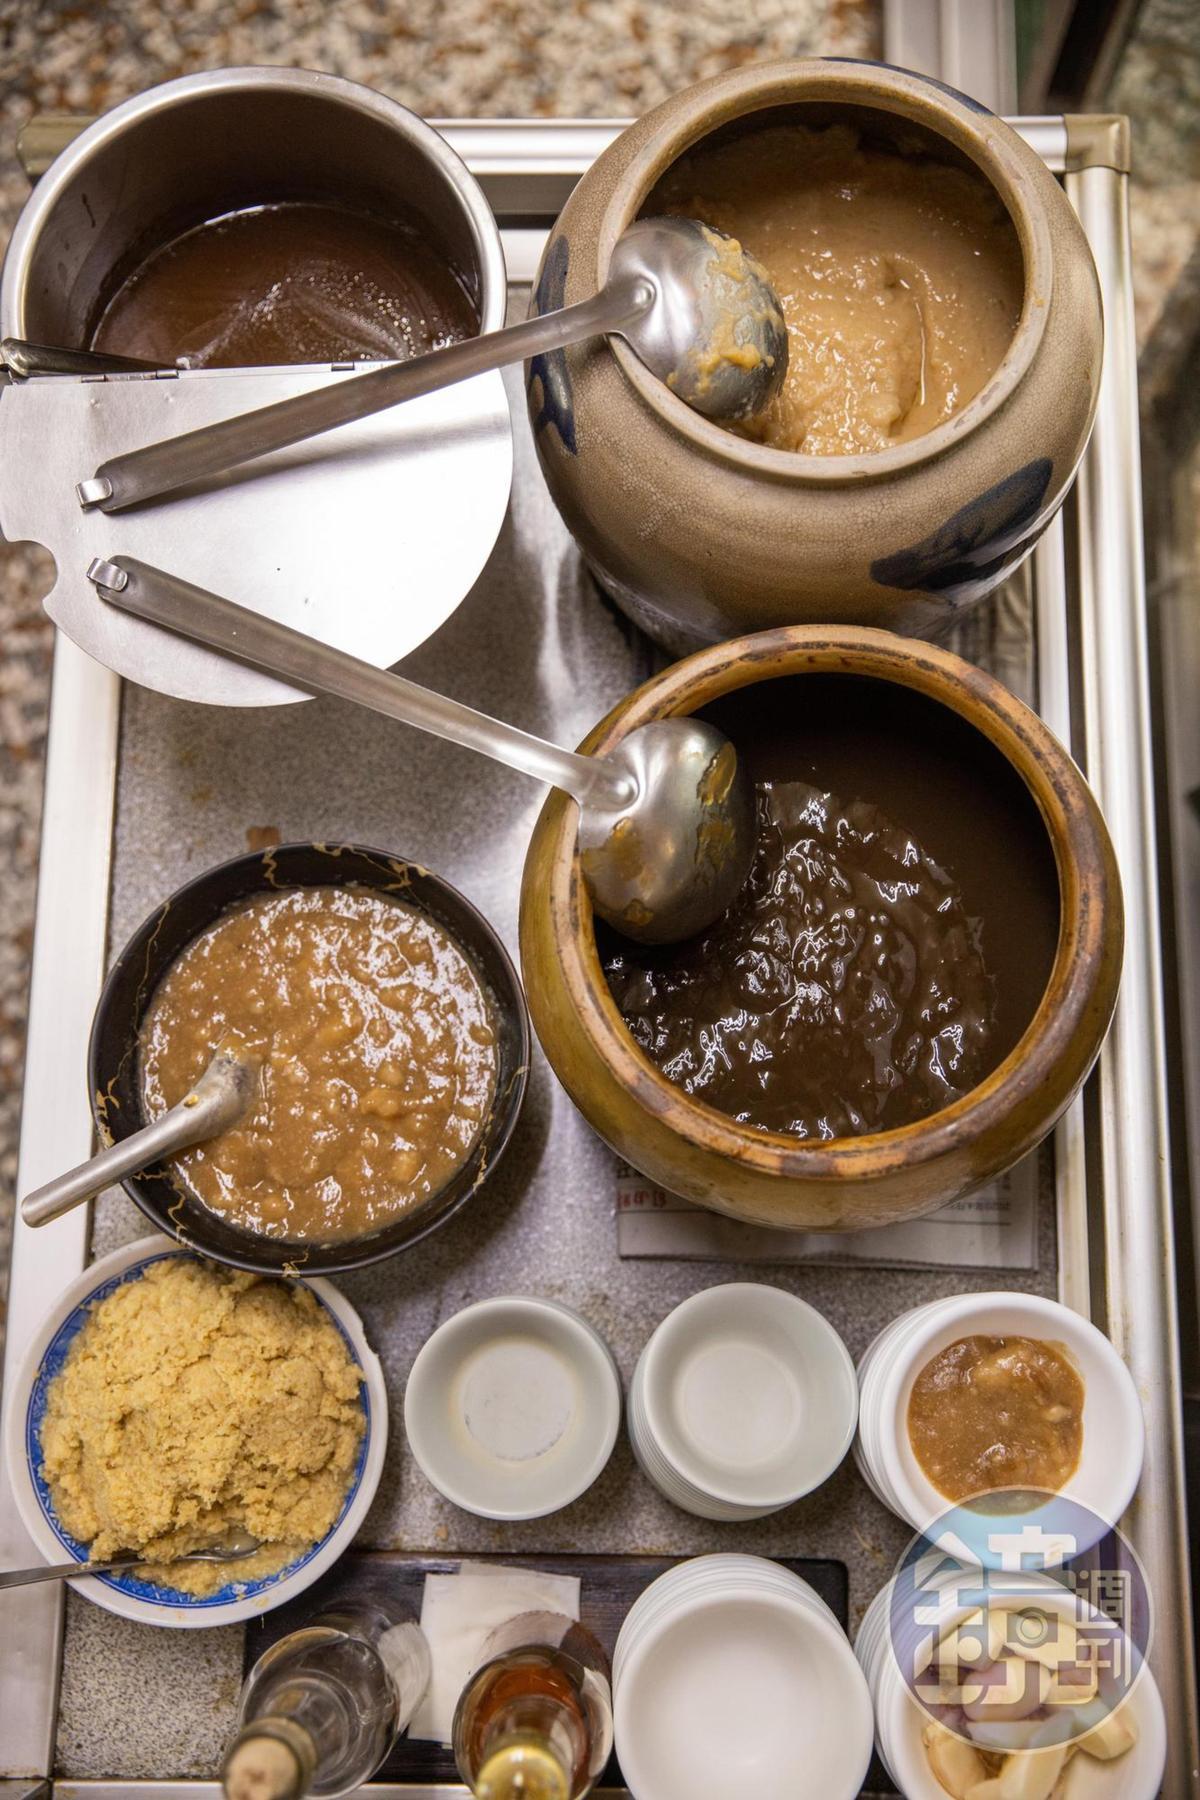 鎮店蘸醬以味噌蜂蜜醬為基底加醋、香油和薑泥,是它處吃不到的味道。